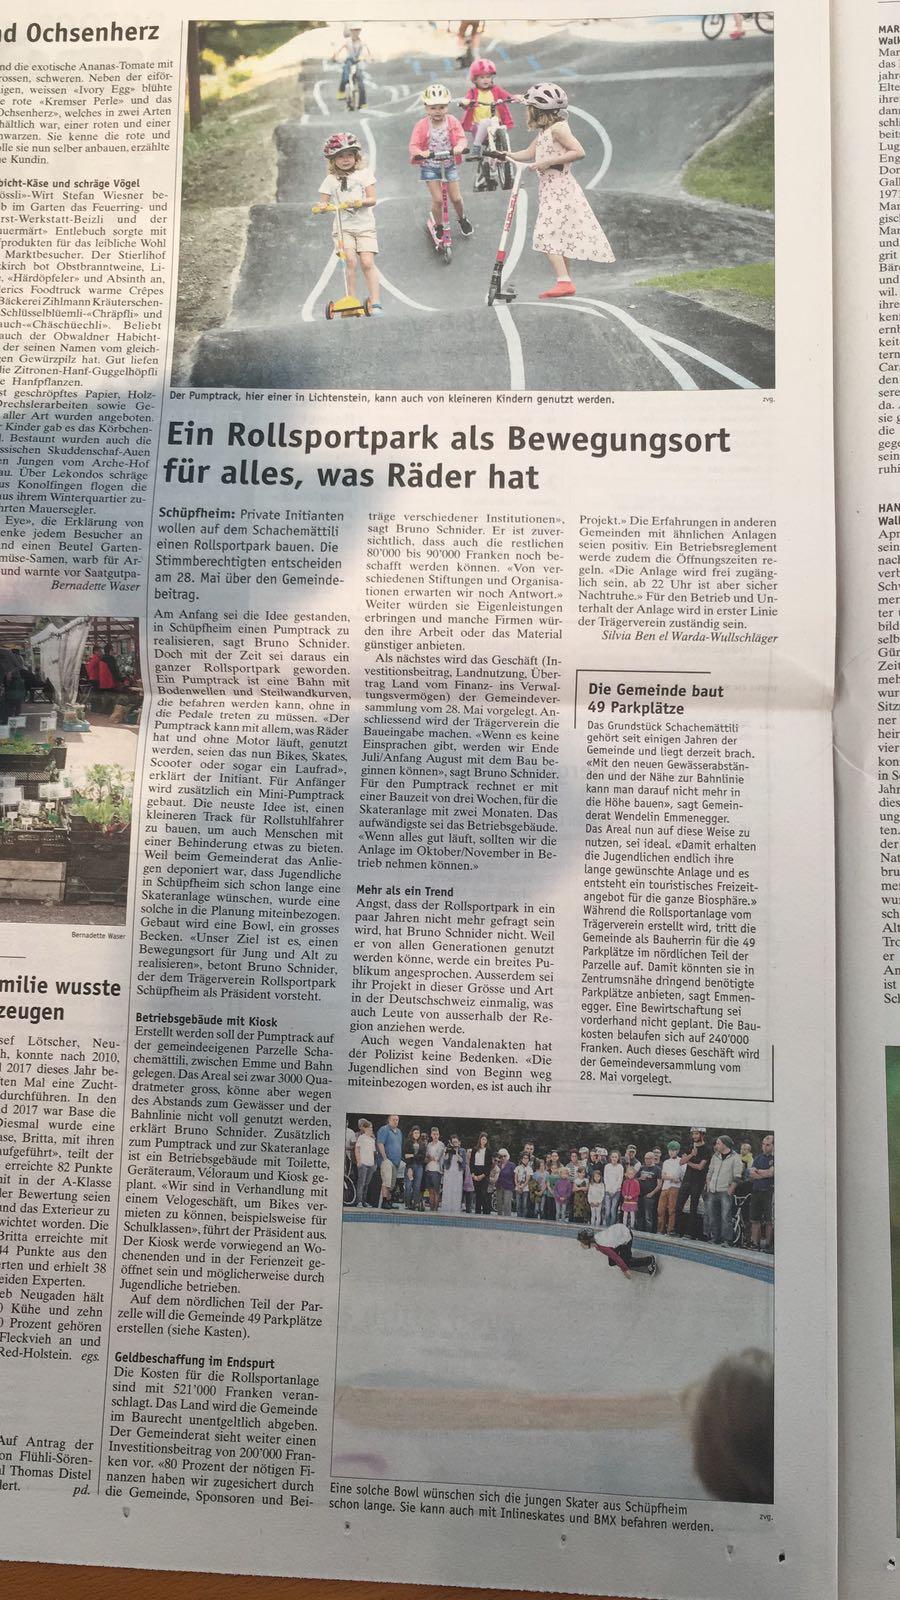 Bericht der Wochenzeitung über unser Projekt   Den kompletten Bericht können sie mit einem Klick auf das Bild nachlesen.